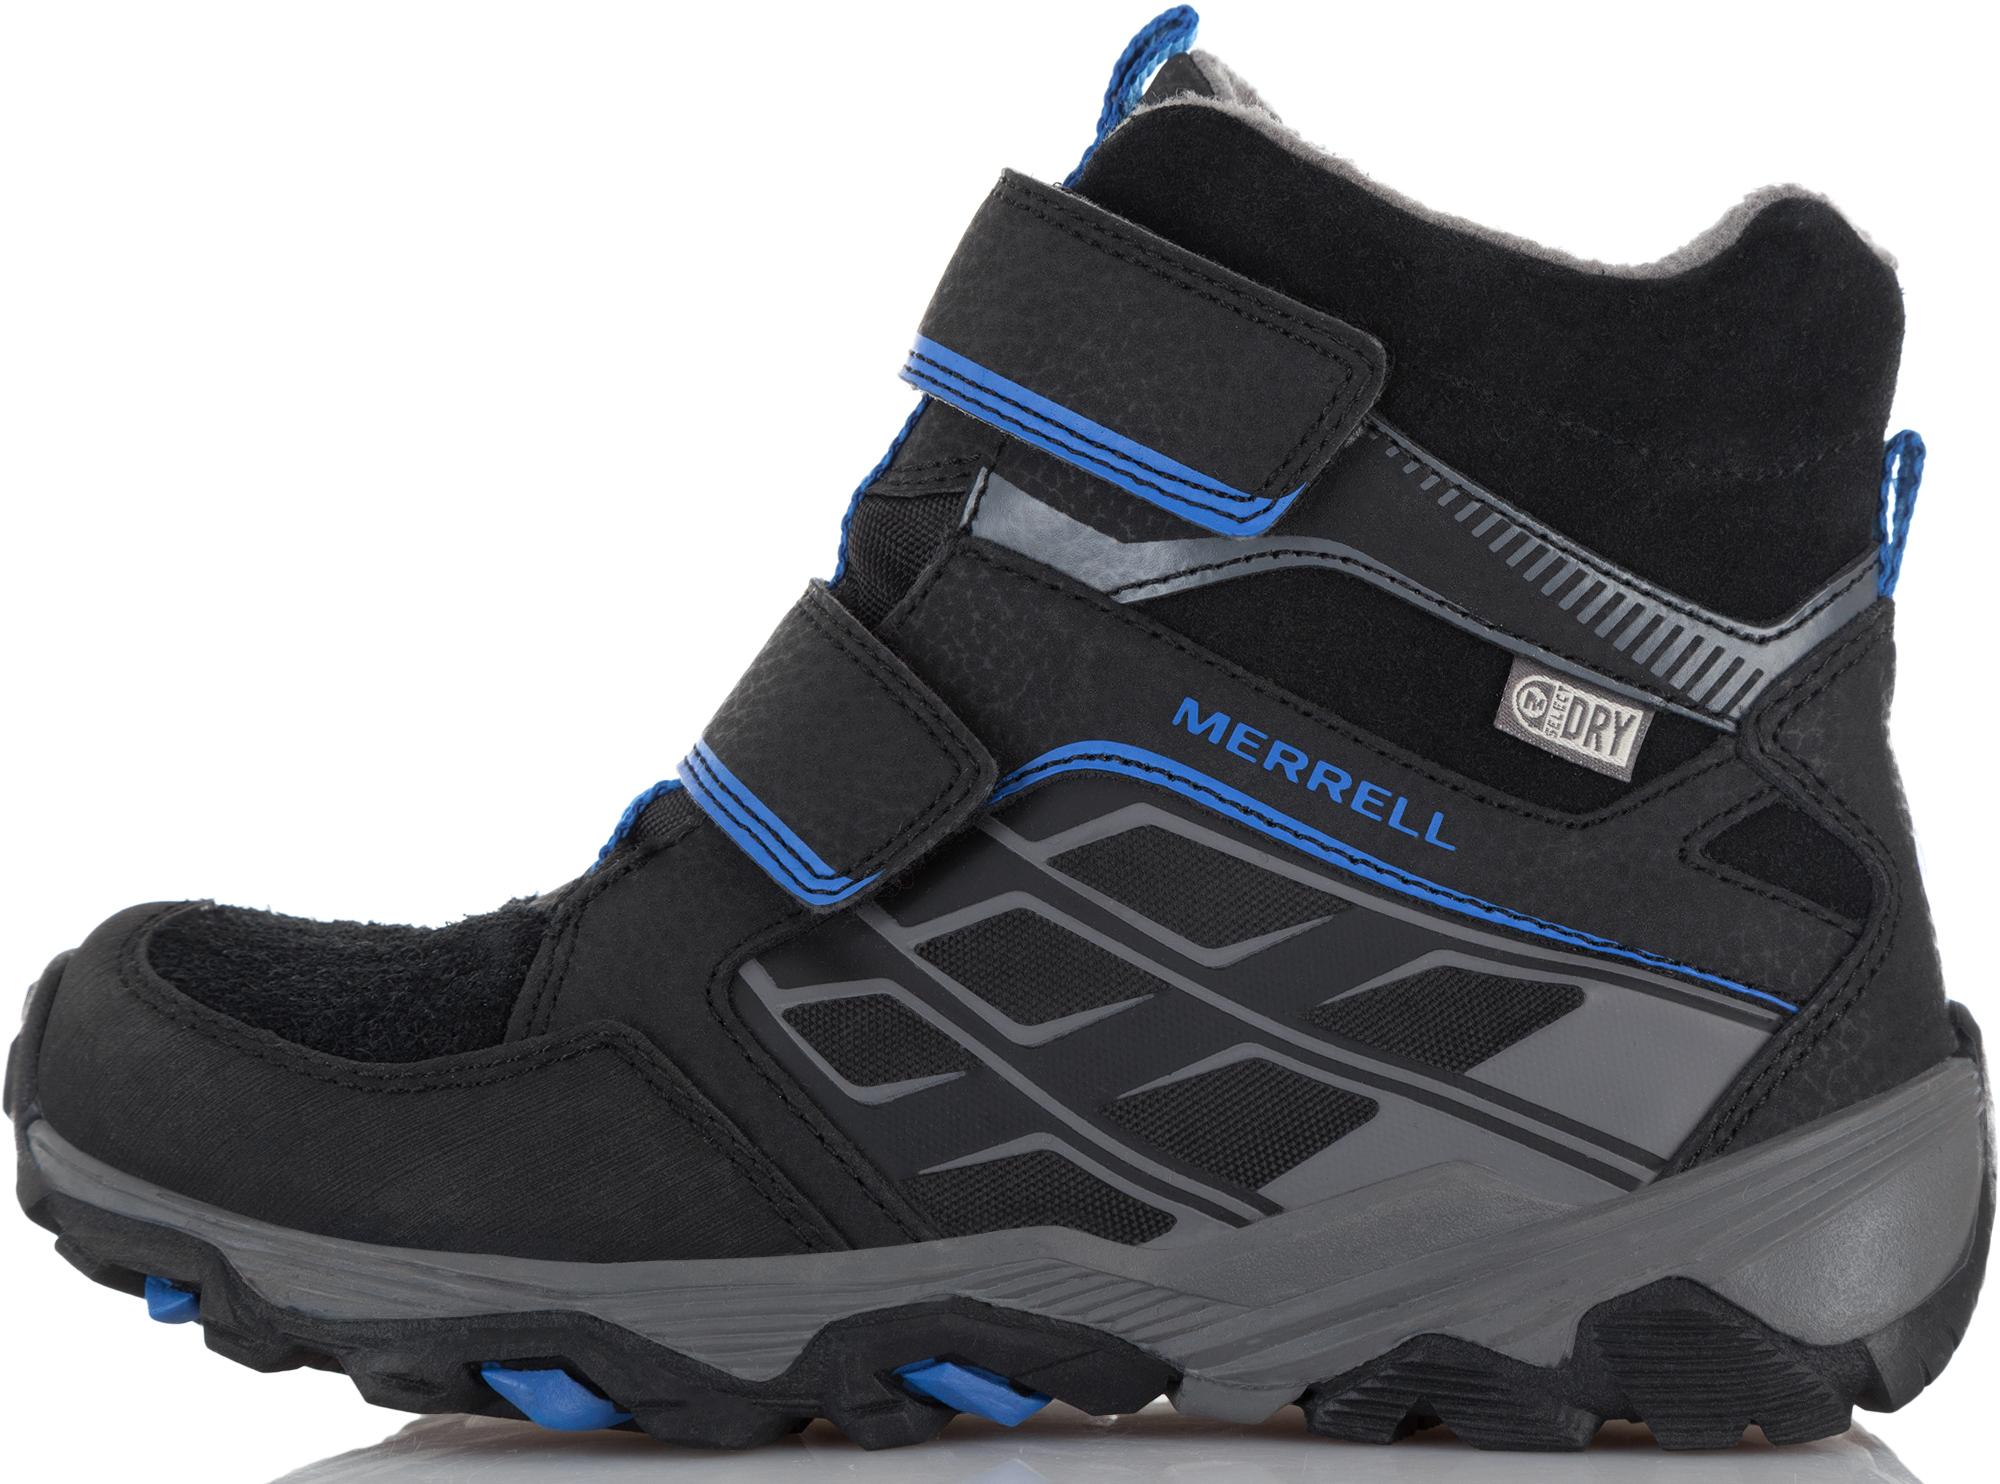 купить Merrell Ботинки утепленные для мальчиков Merrell Moab, размер 31,5 онлайн